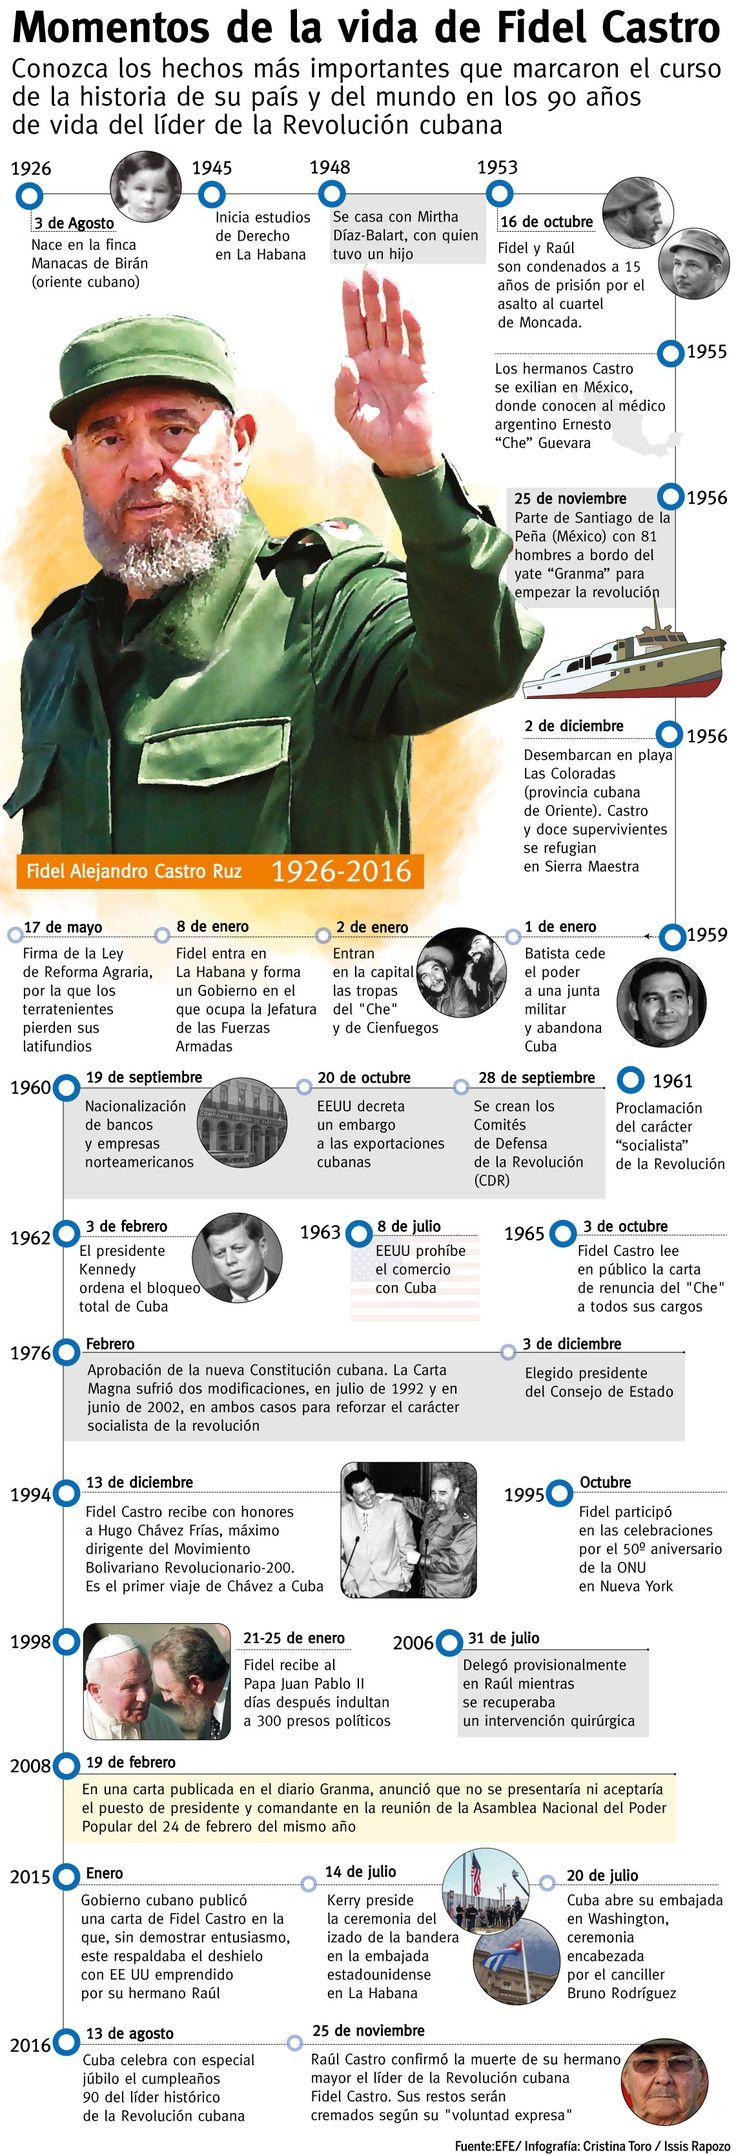 Momentos de la vida de Fidel #Castro